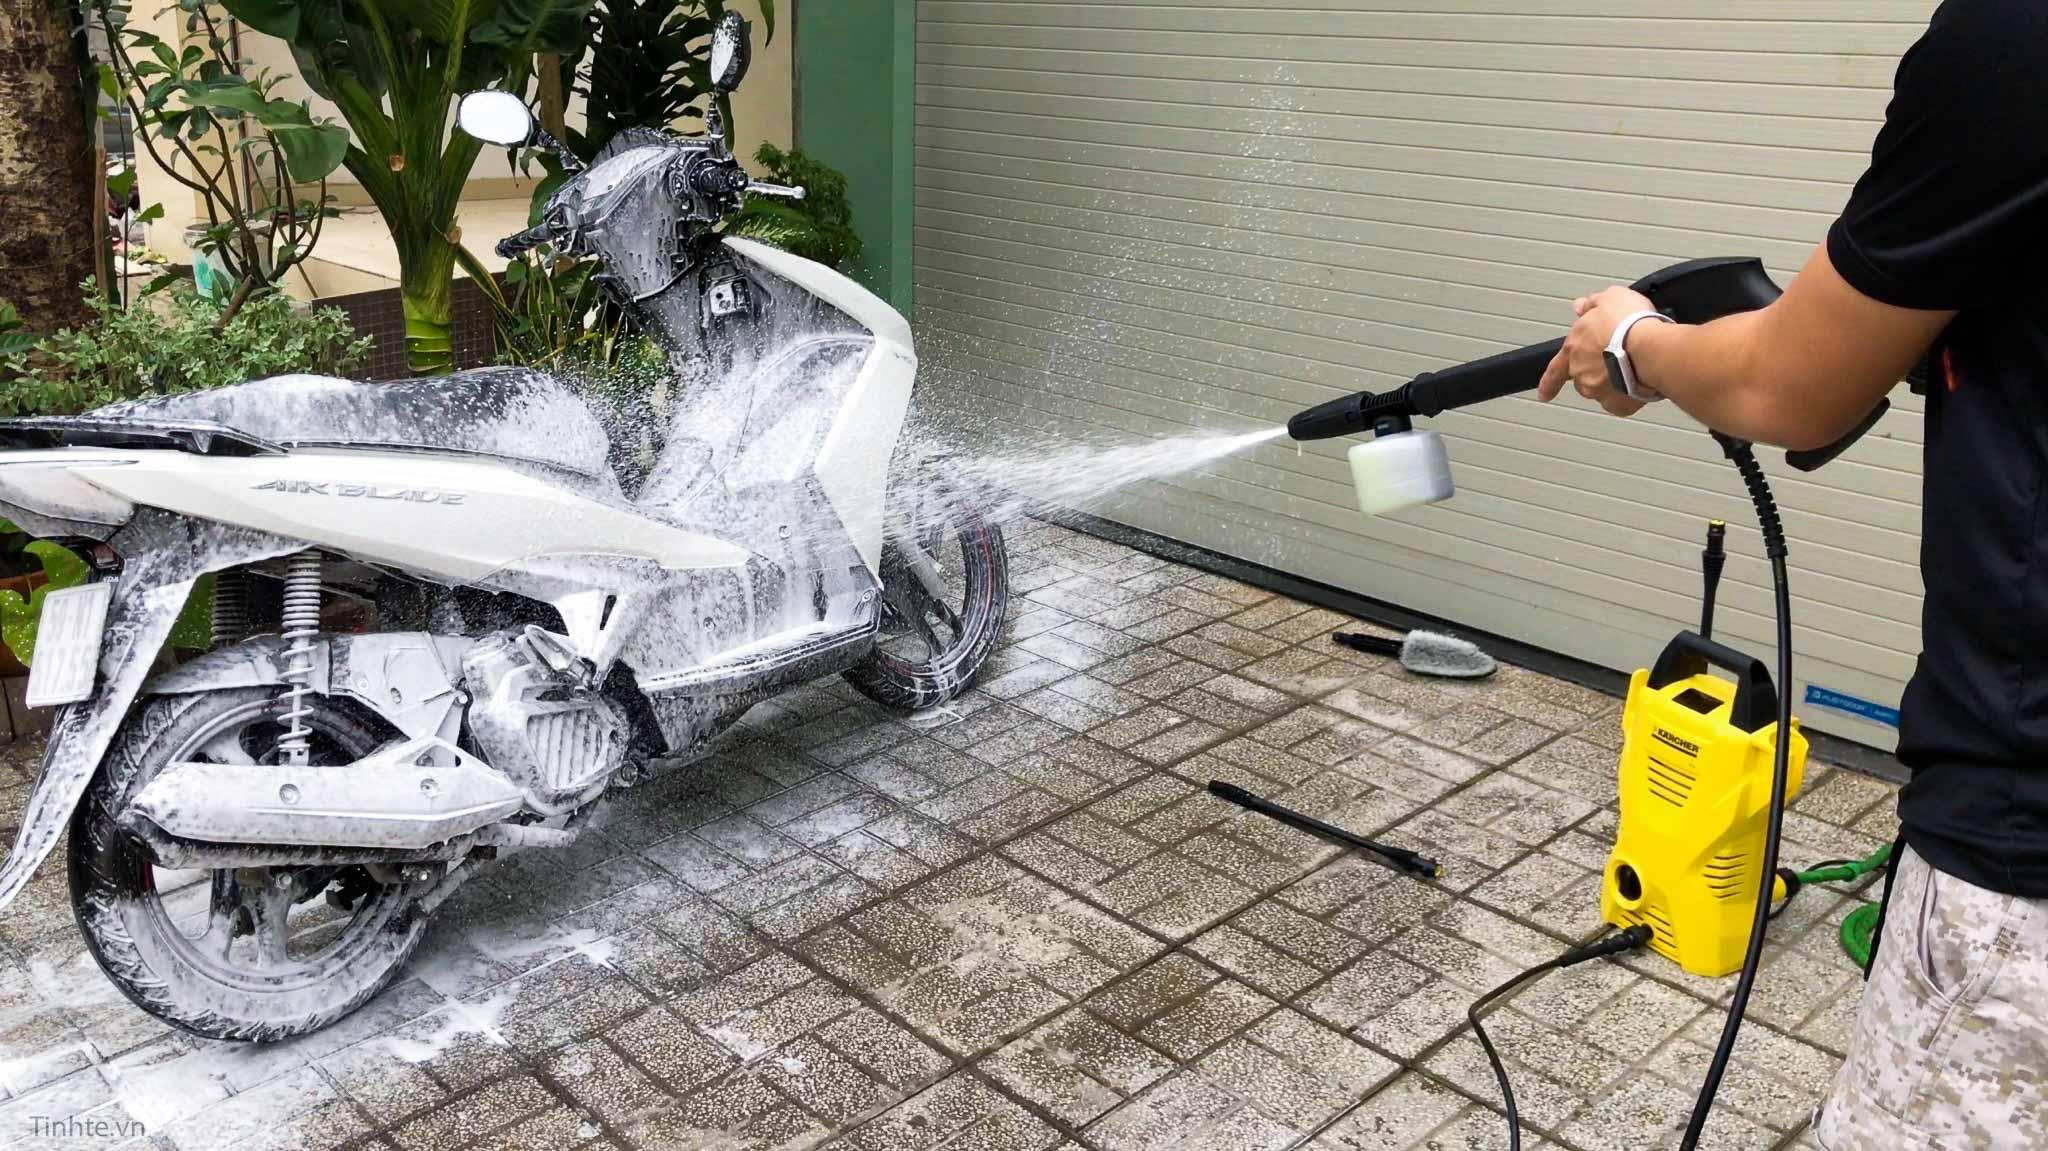 tinhte-karcher-k2-wash-6.jpg